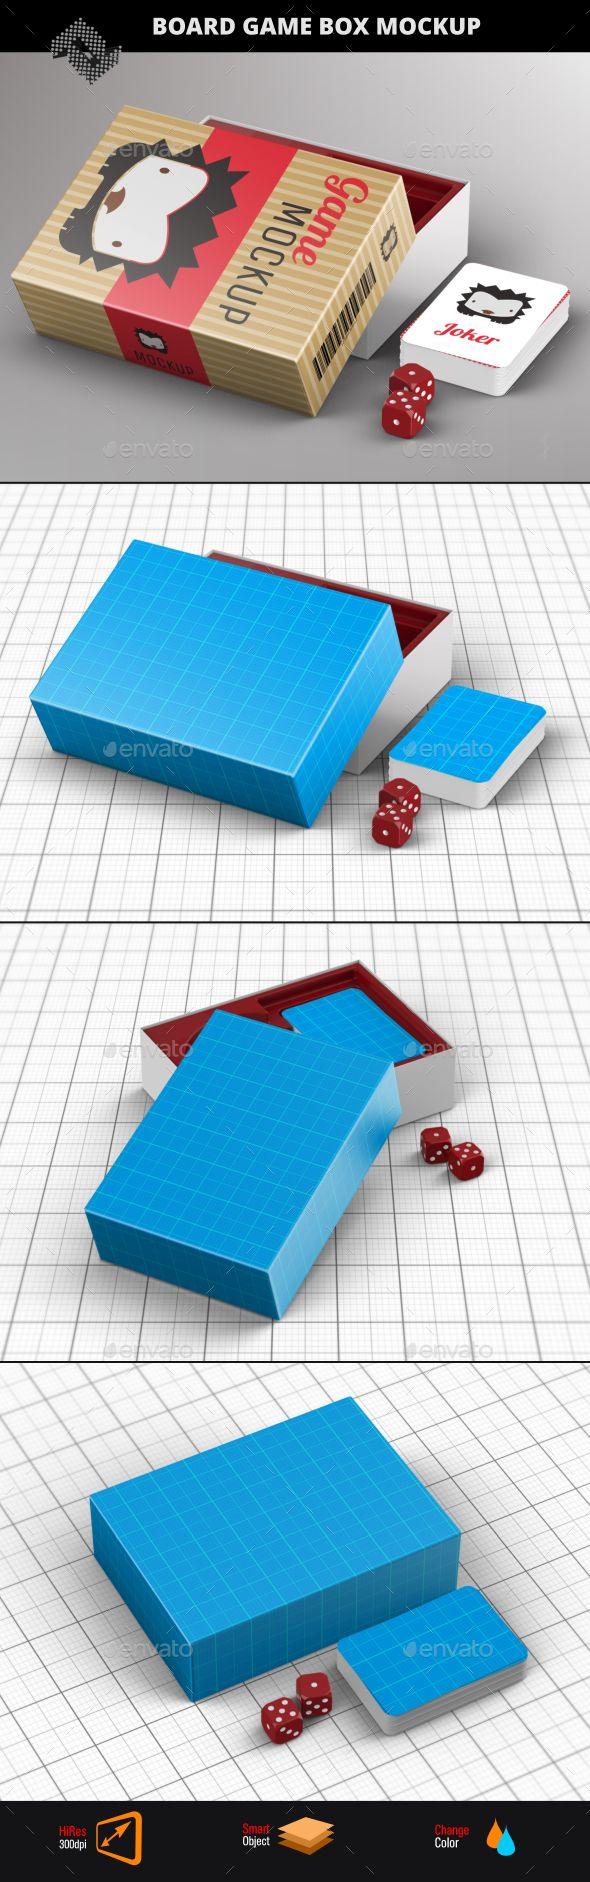 Download Board Game Box Mockup Board Game Box Board Game Design Games Box